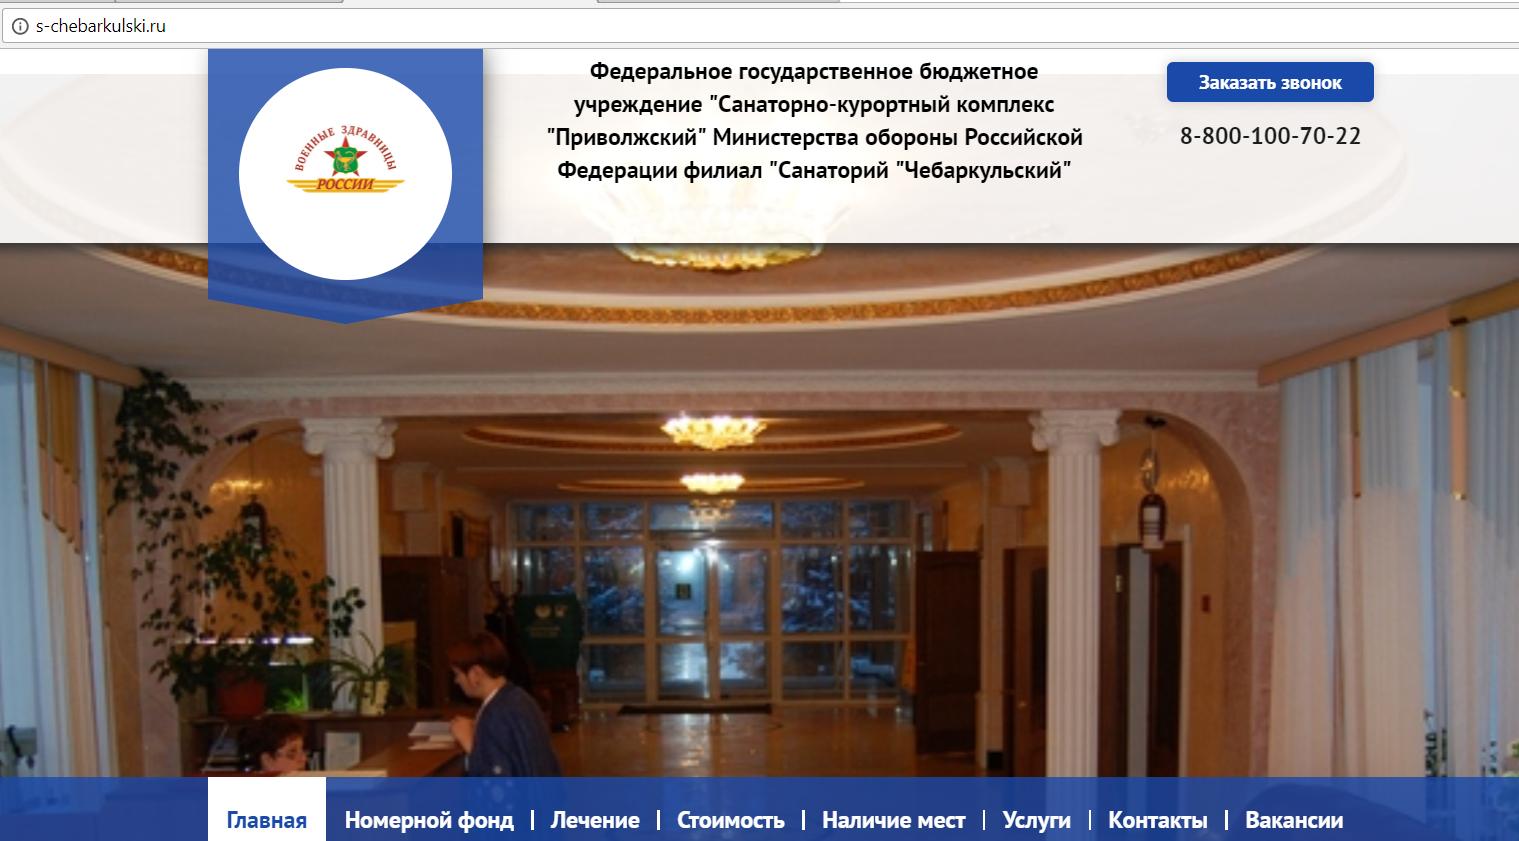 Самый популярный вариант из санаторно-курортного комплекса «Приволжский» – санаторий «Чебоксарский»